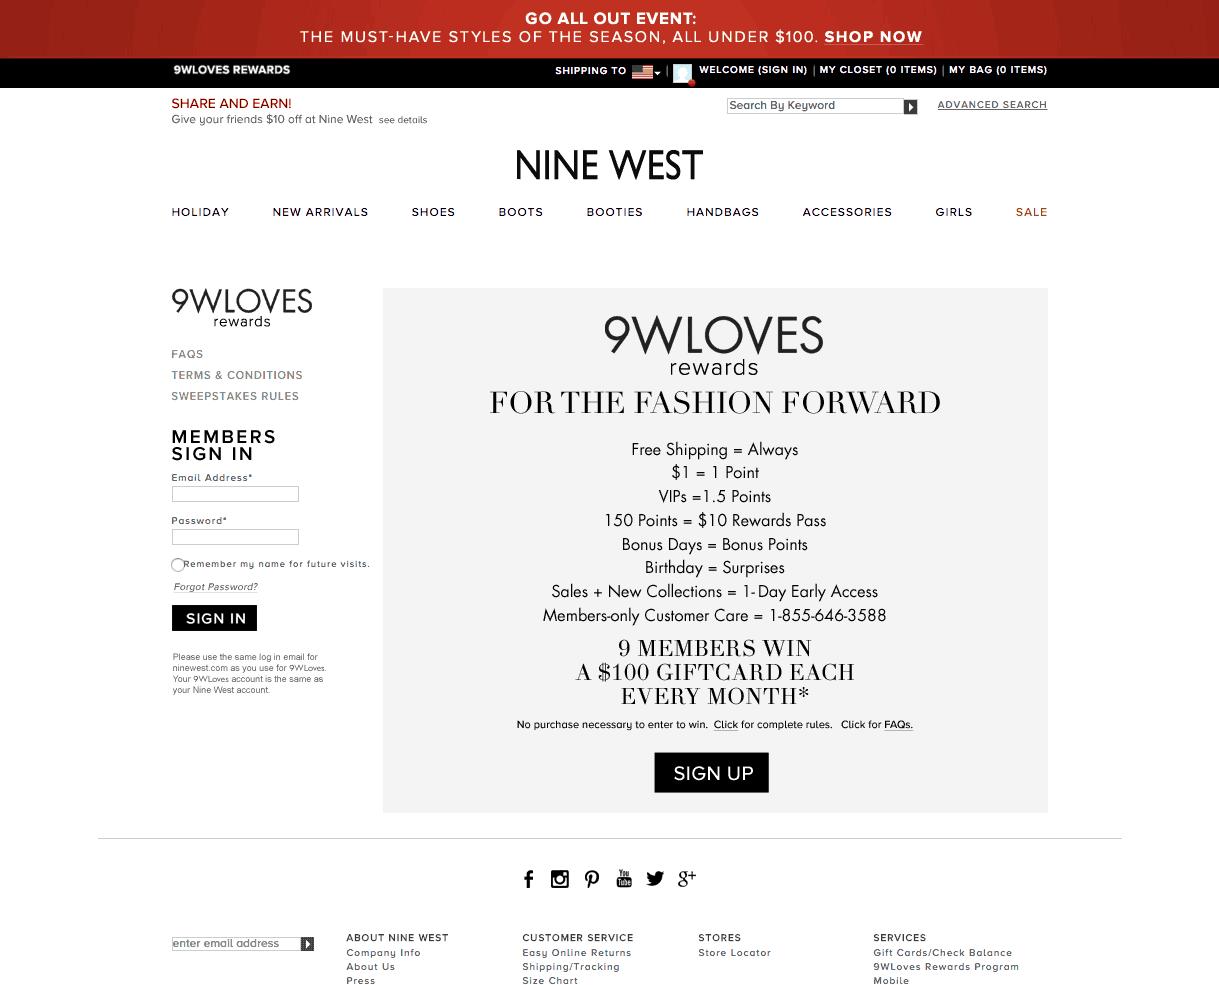 9WLOVES Is Nine West Points Based Rewards Program